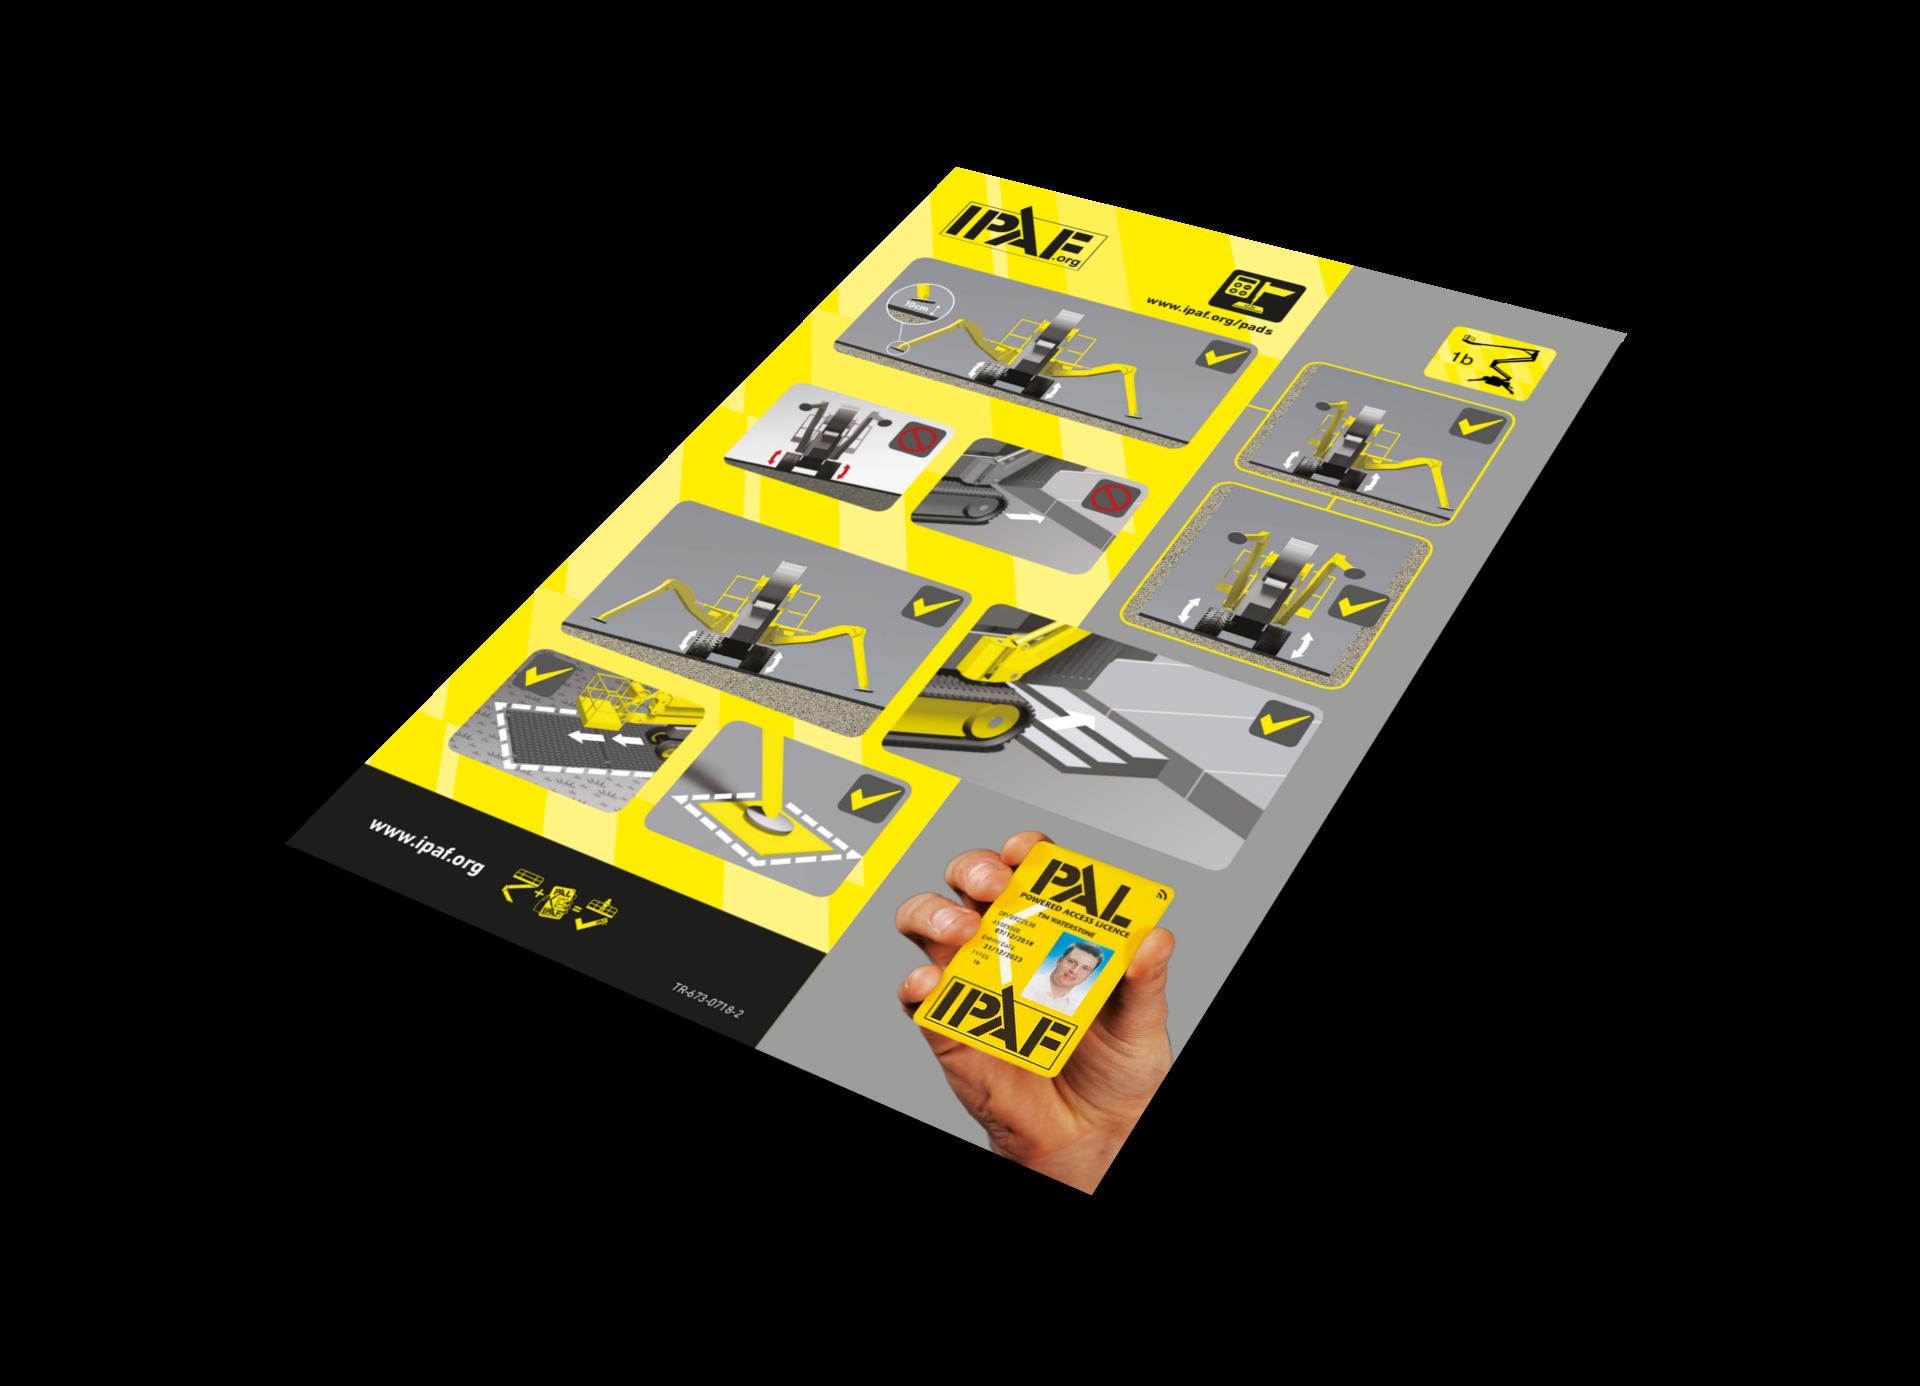 Kampagnen Spyder / Abstützung Poster A2 - Spyder